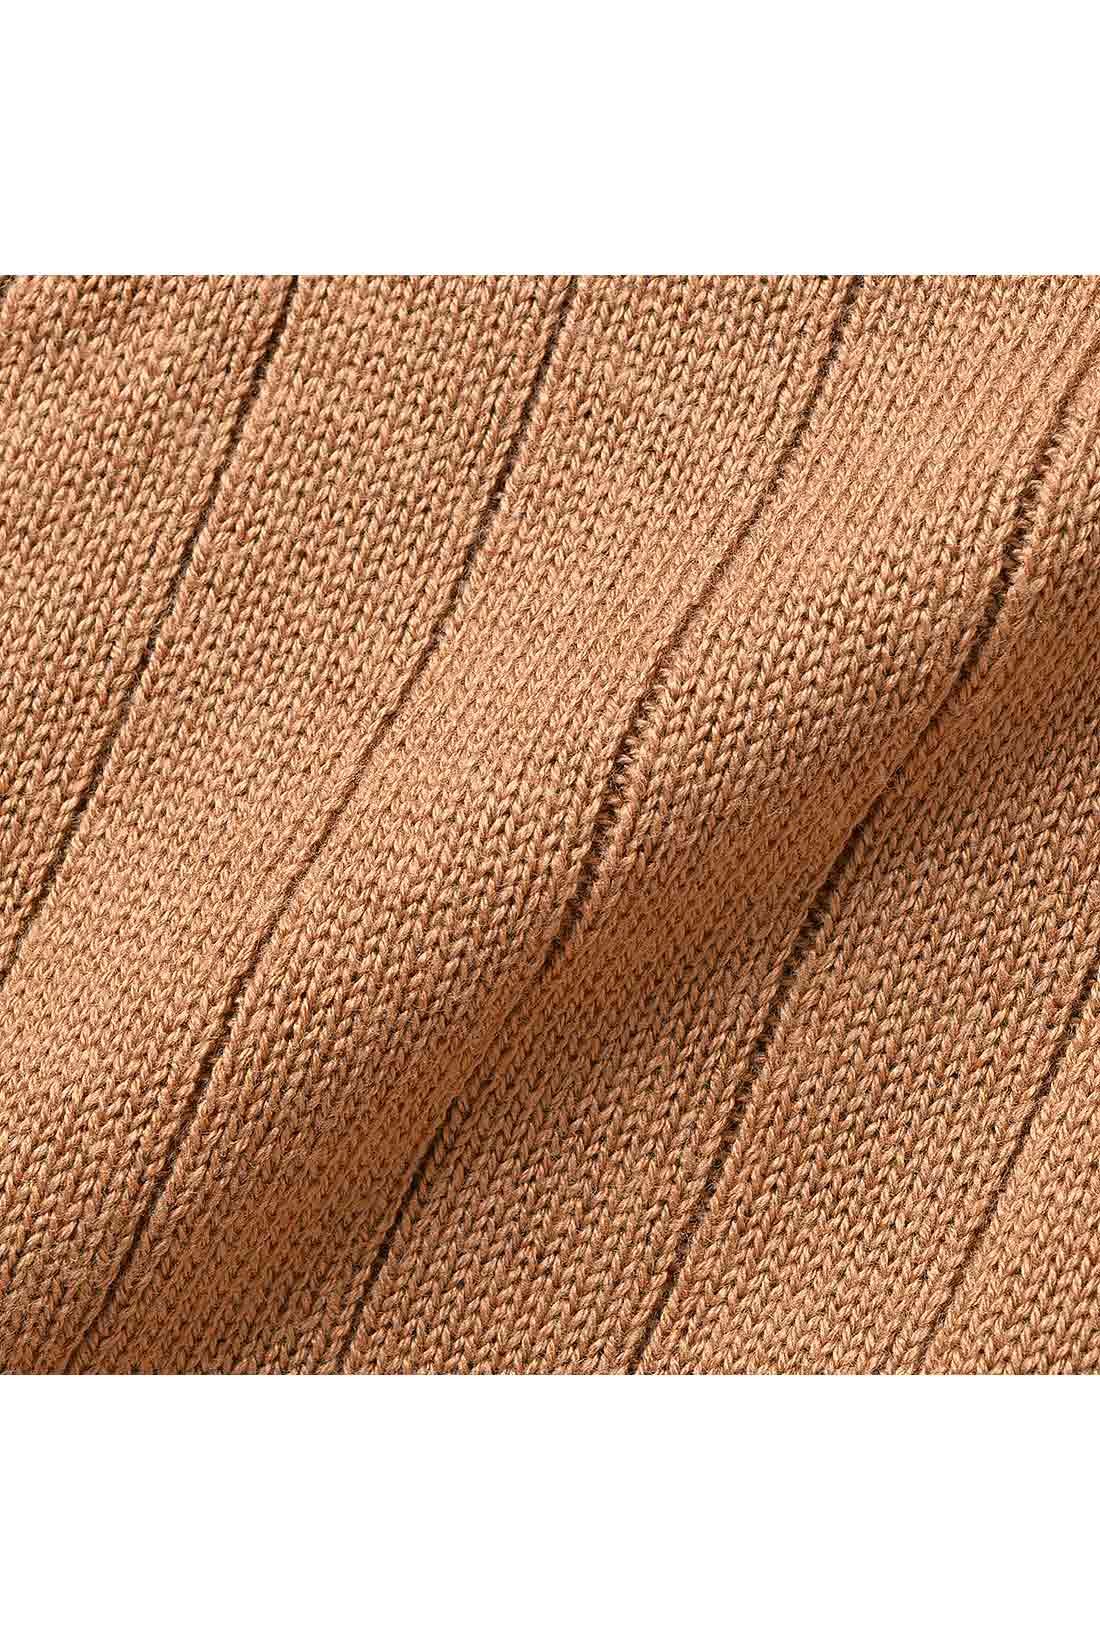 リブ幅は、細いとからだのラインを拾いすぎ、太いとカジュアルに。中太リブなら大人っぽい雰囲気に。